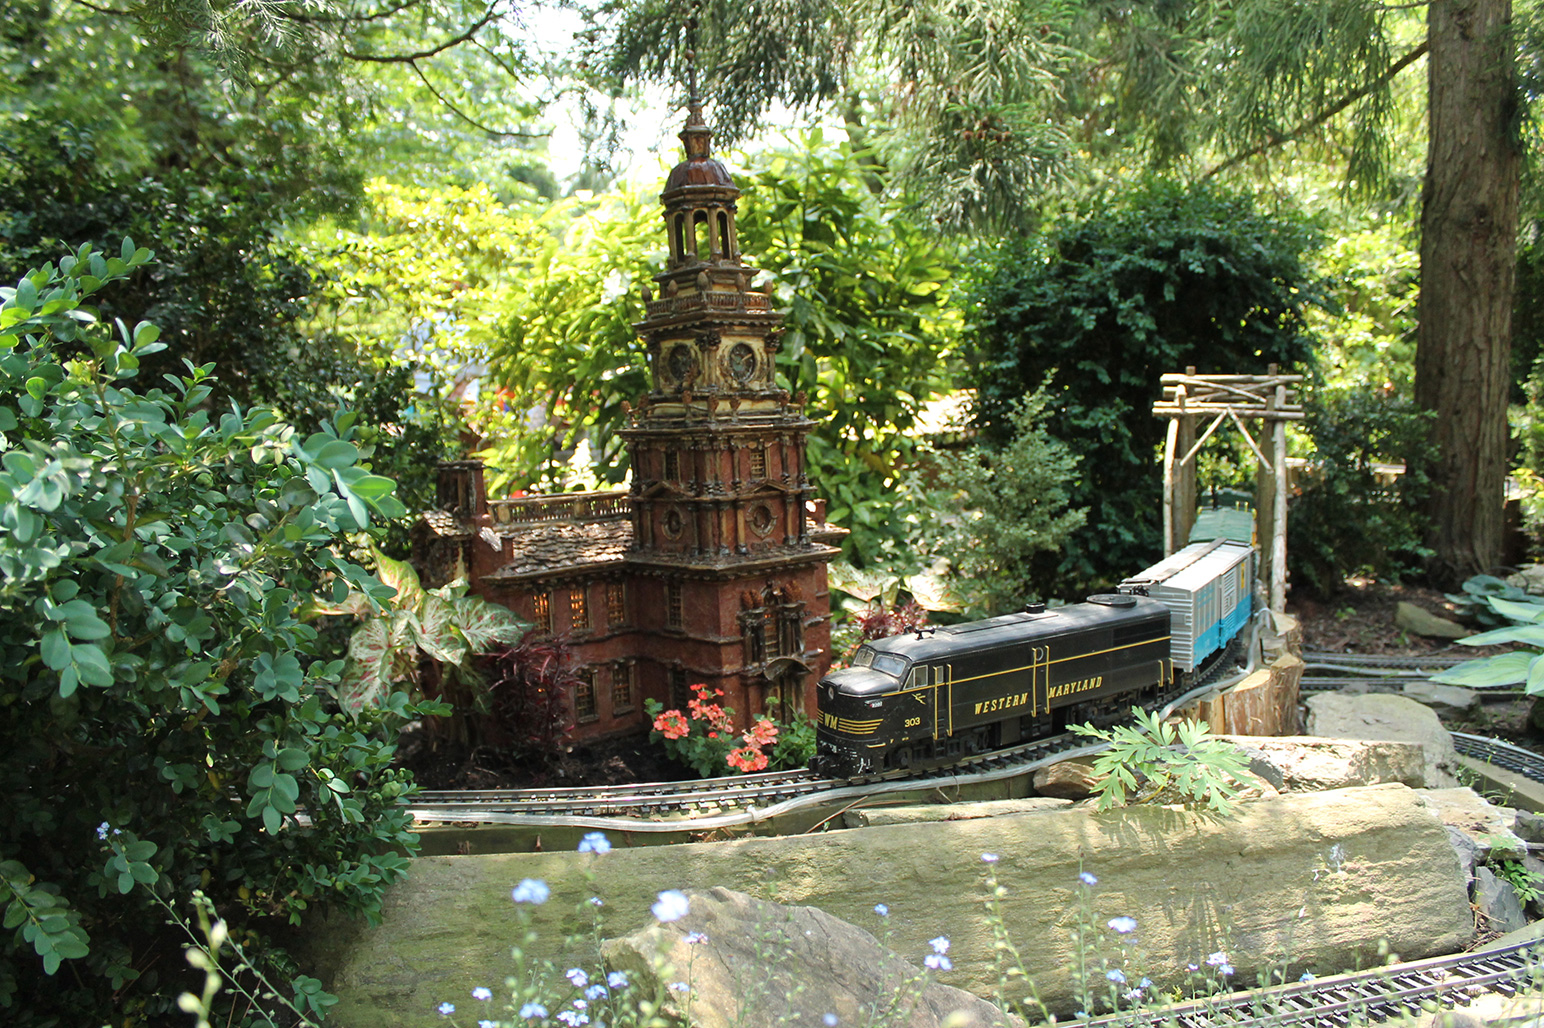 20120526-Arboretum-194